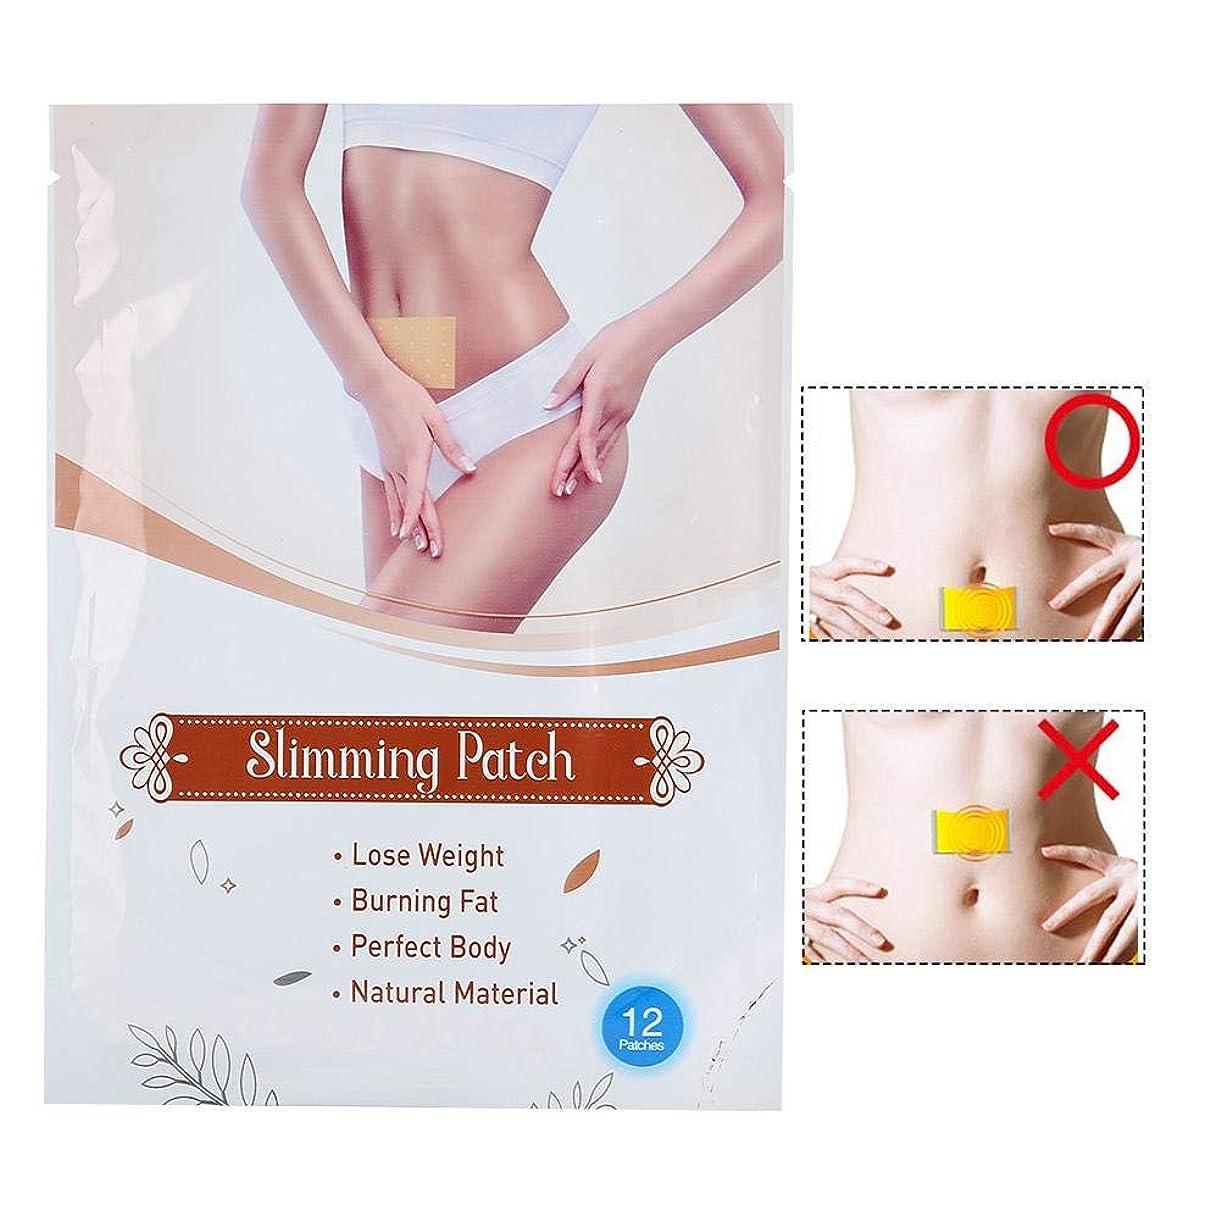 宿命振るうやむを得ない12PCS痩身ステッカー - 体脂肪バーナー - 減量デトックス、スリムパッチ - 男性と女性用